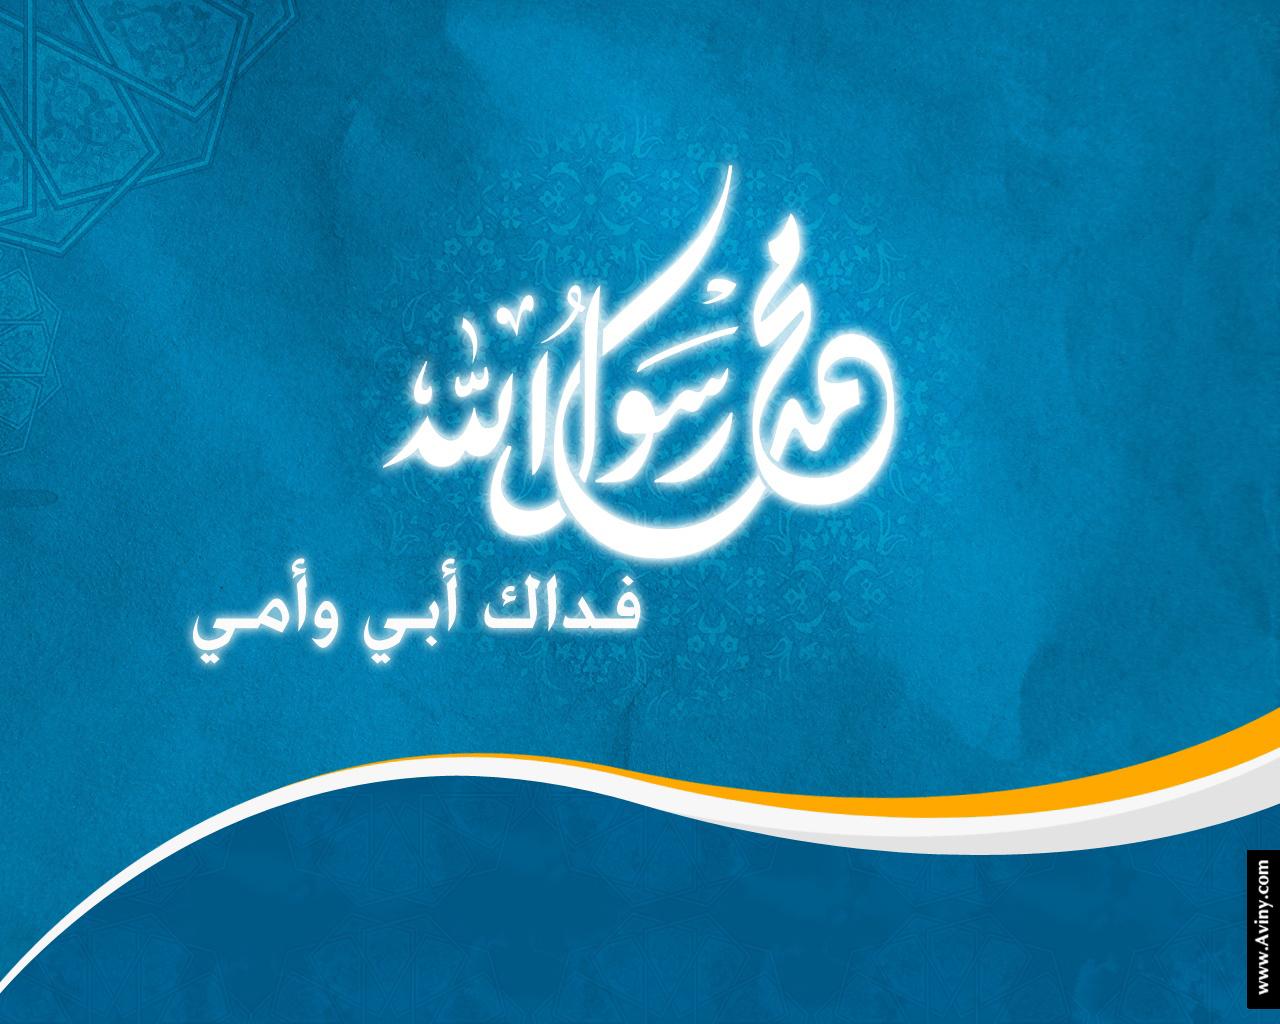 ویژه نامه17ربیع الاول: ولادت پیامبر اکرم(ص) و هفته وحدت